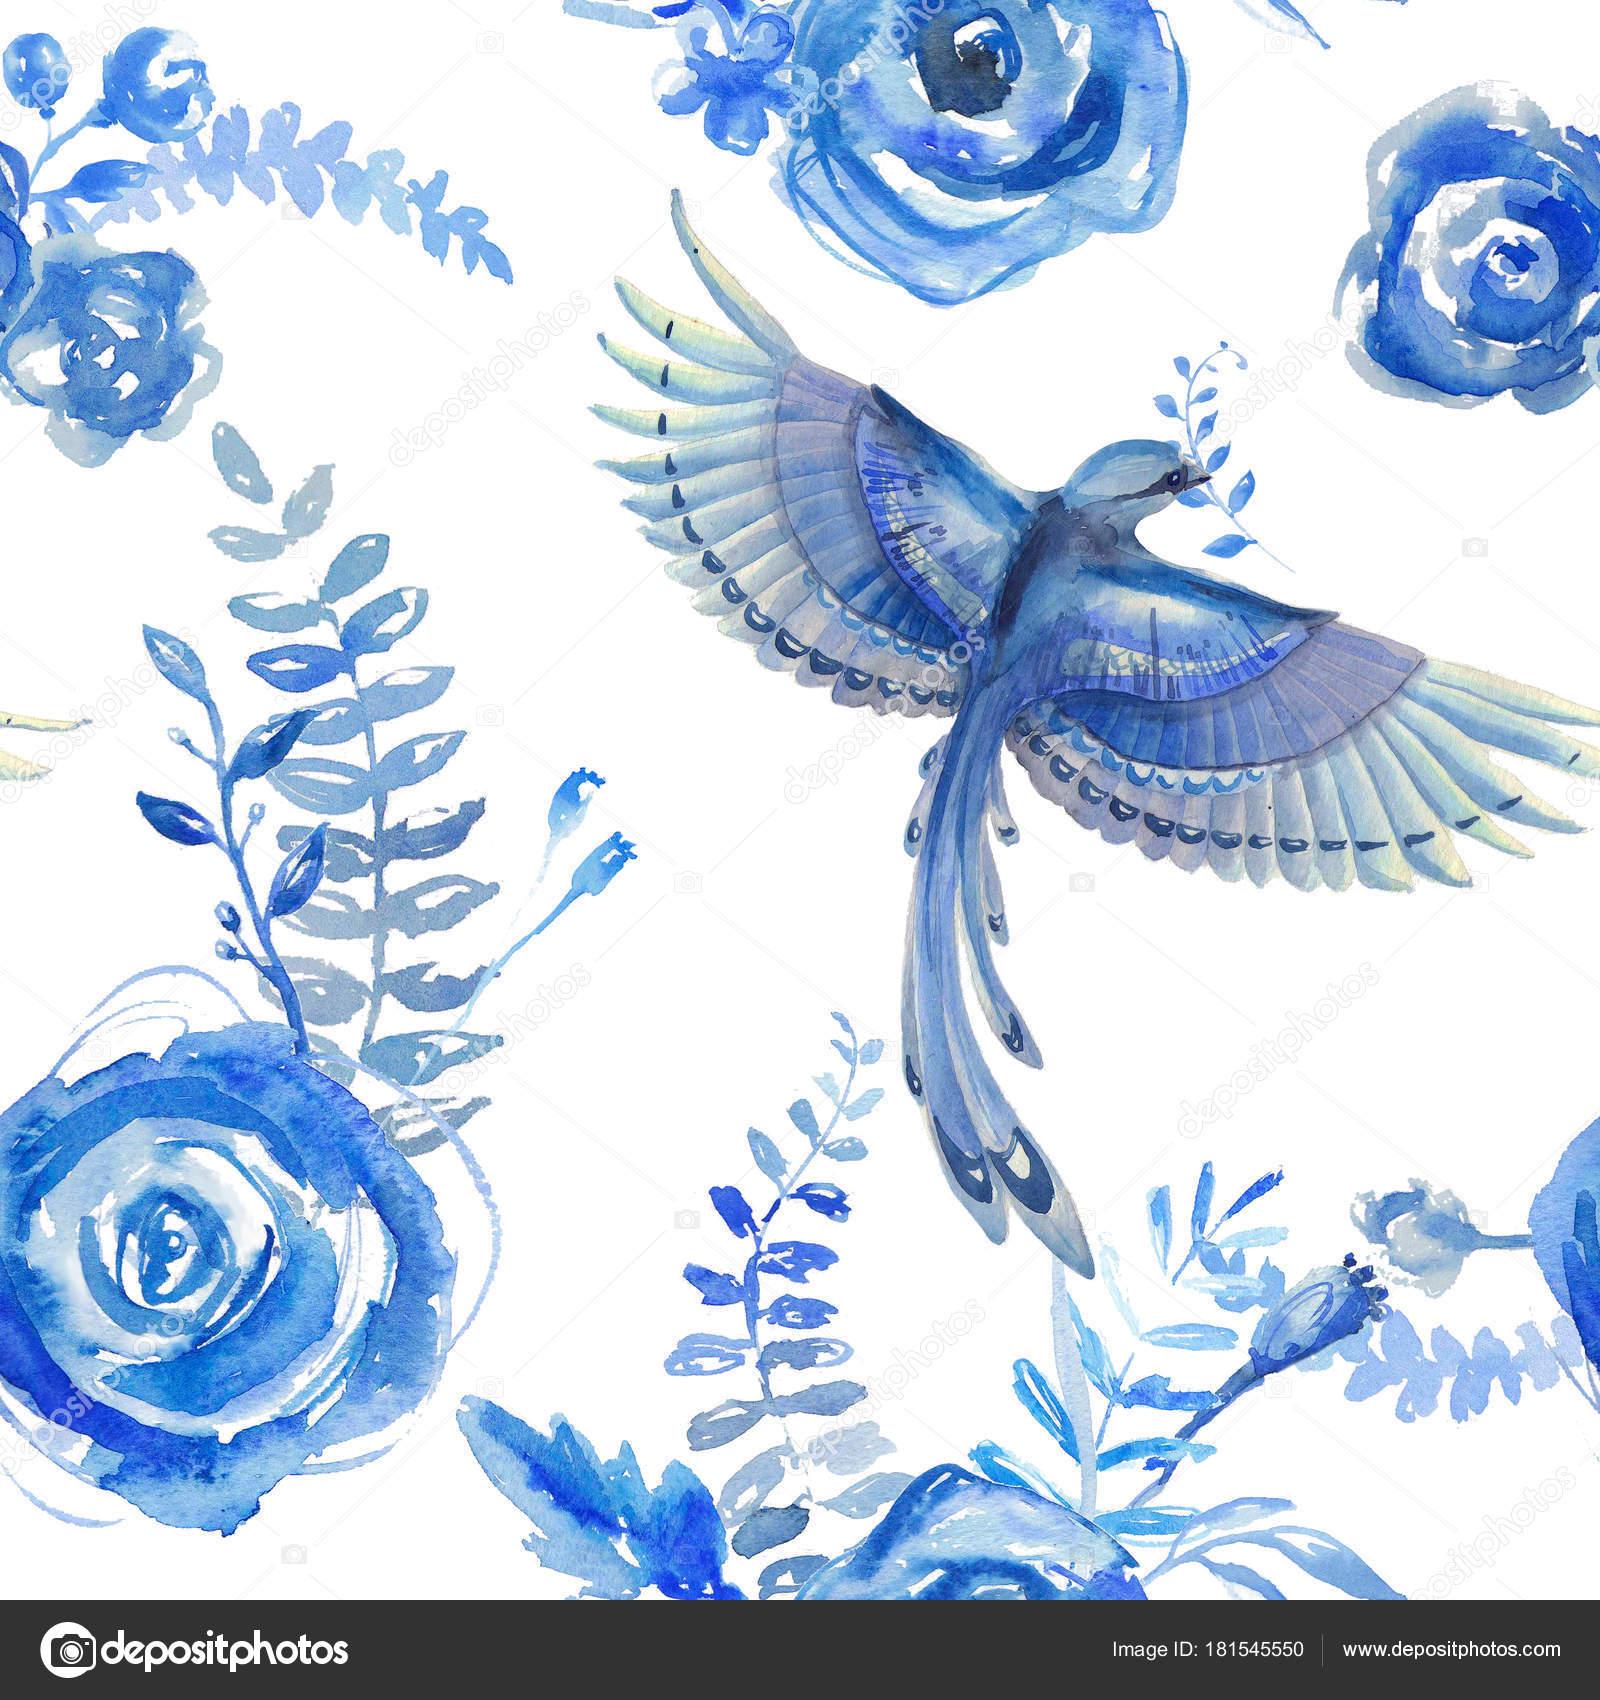 646aae8976b9 Aquarell Blumenmuster Textur Mit Blumen Und Vögel Blauen Blumenmuster Natur  — Stockfoto